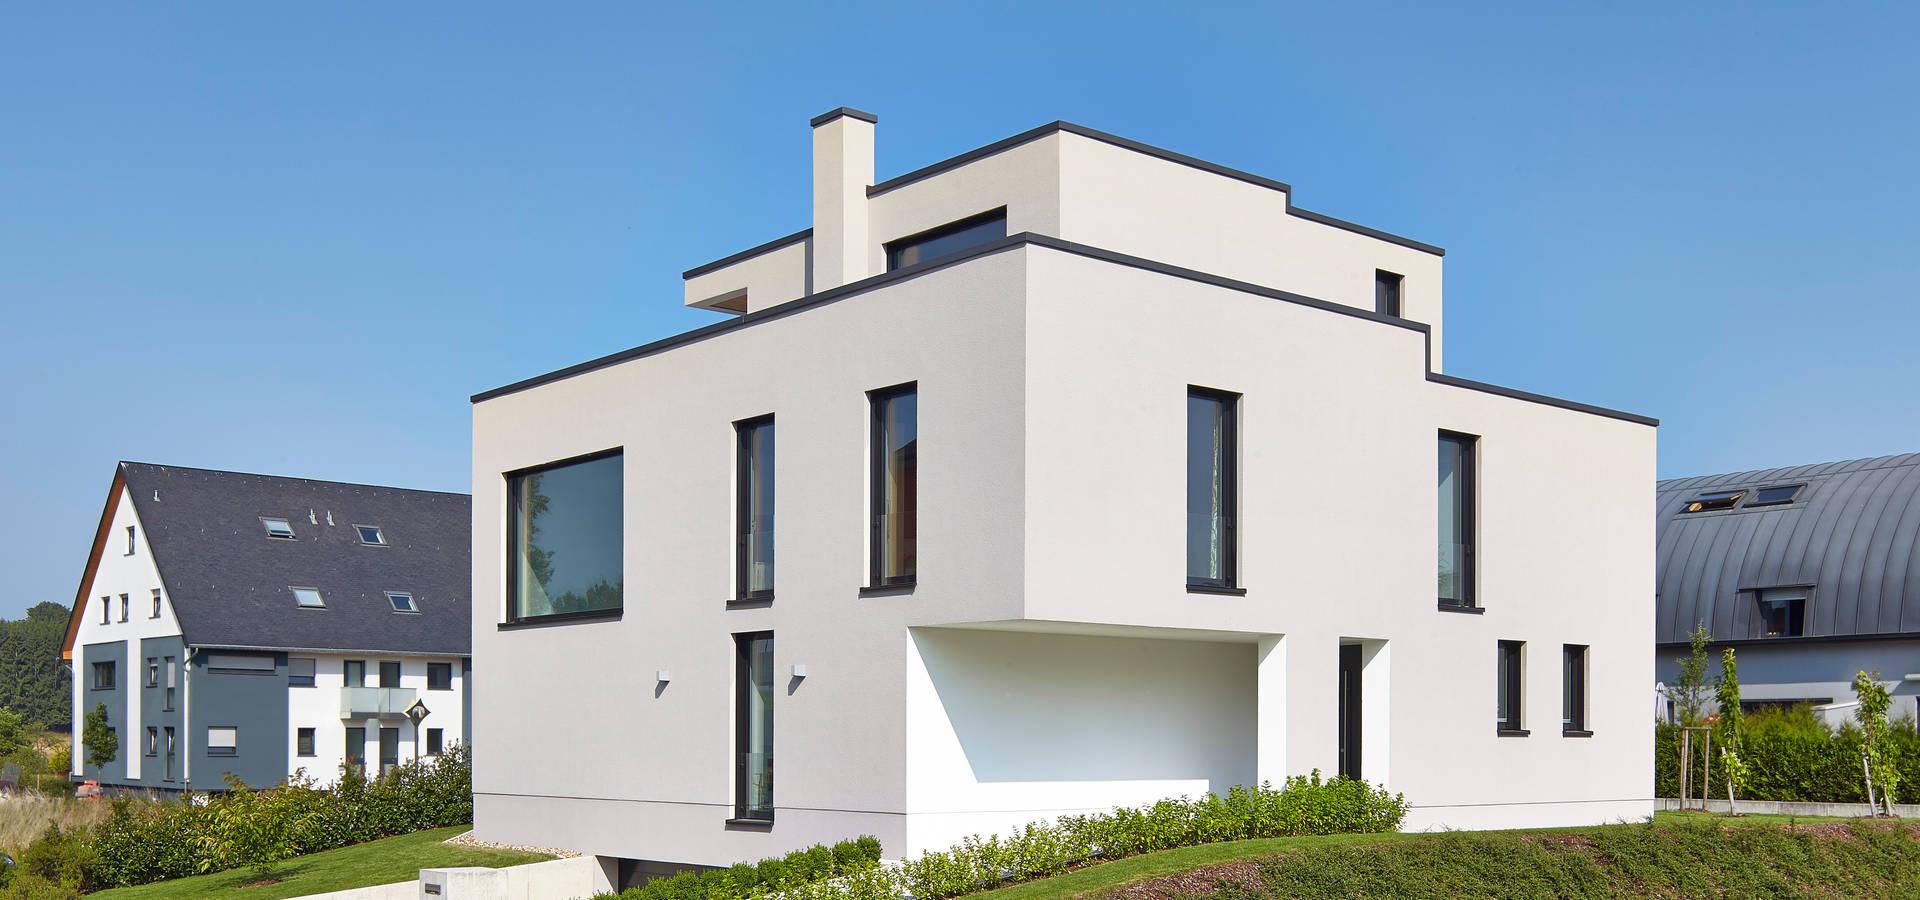 Architekten Luxemburg bruck weckerle architekten architekten in luxemburg homify